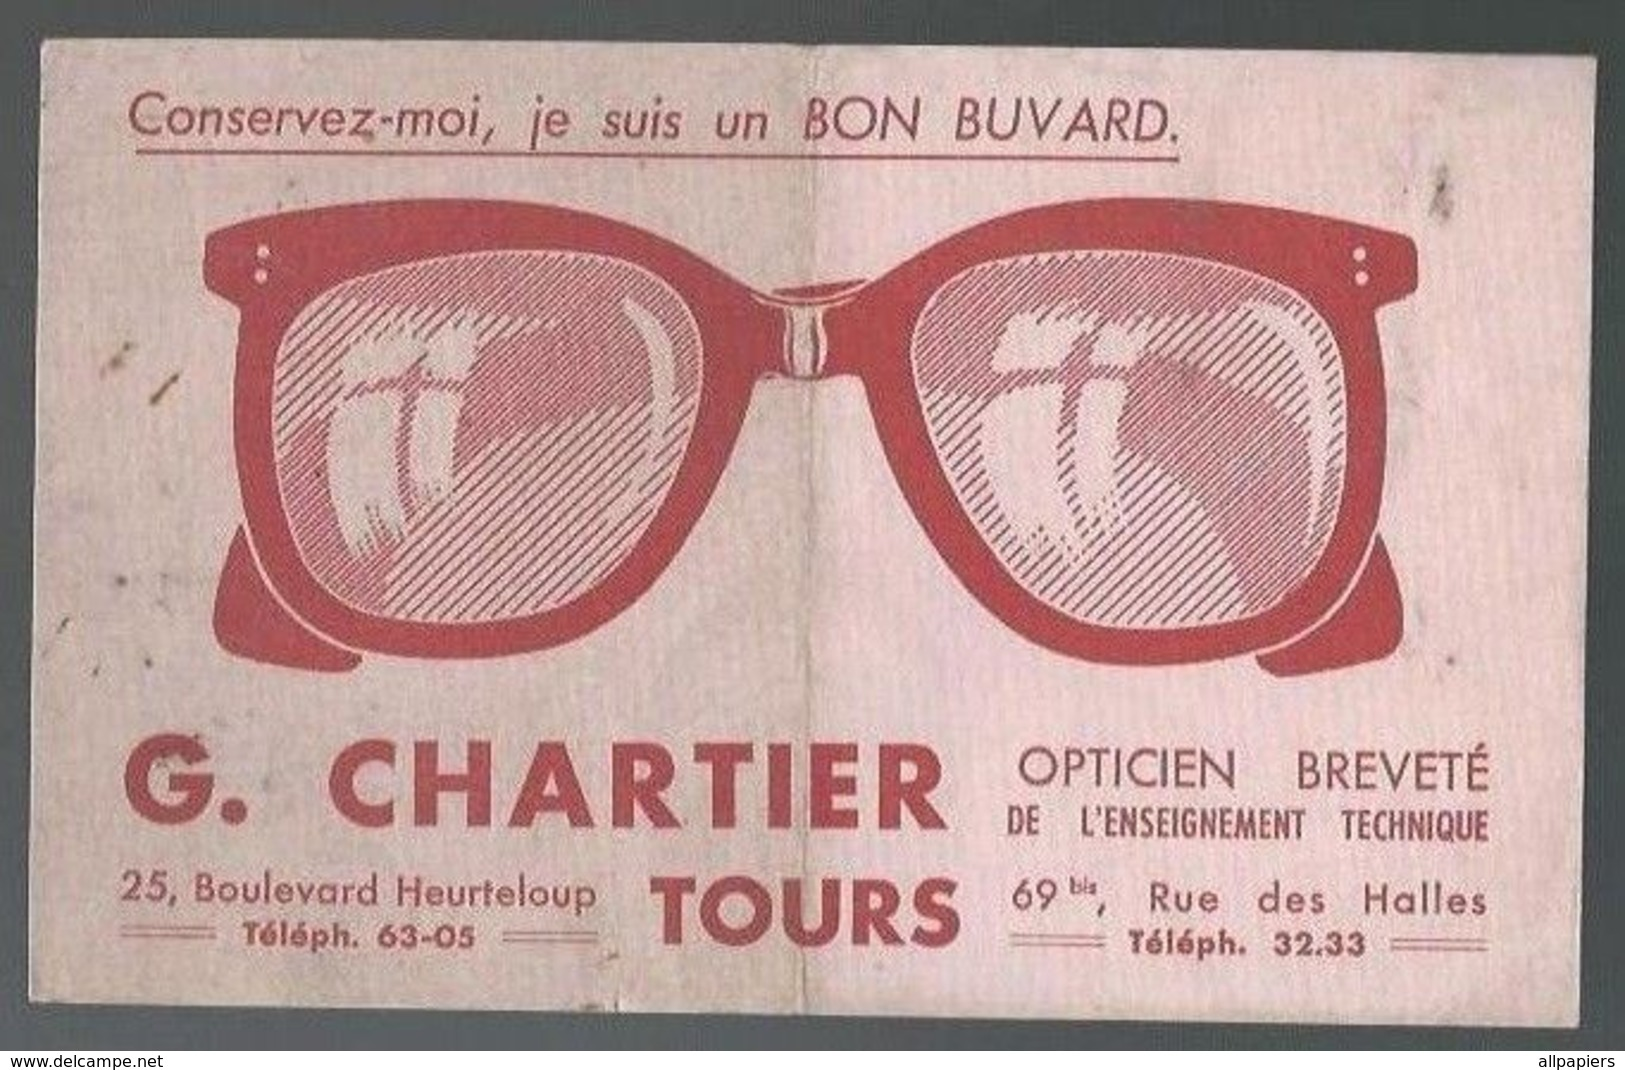 Buvard Opticien Breveté De L'enseignement Technique G.Chartier Tours - Buvards, Protège-cahiers Illustrés